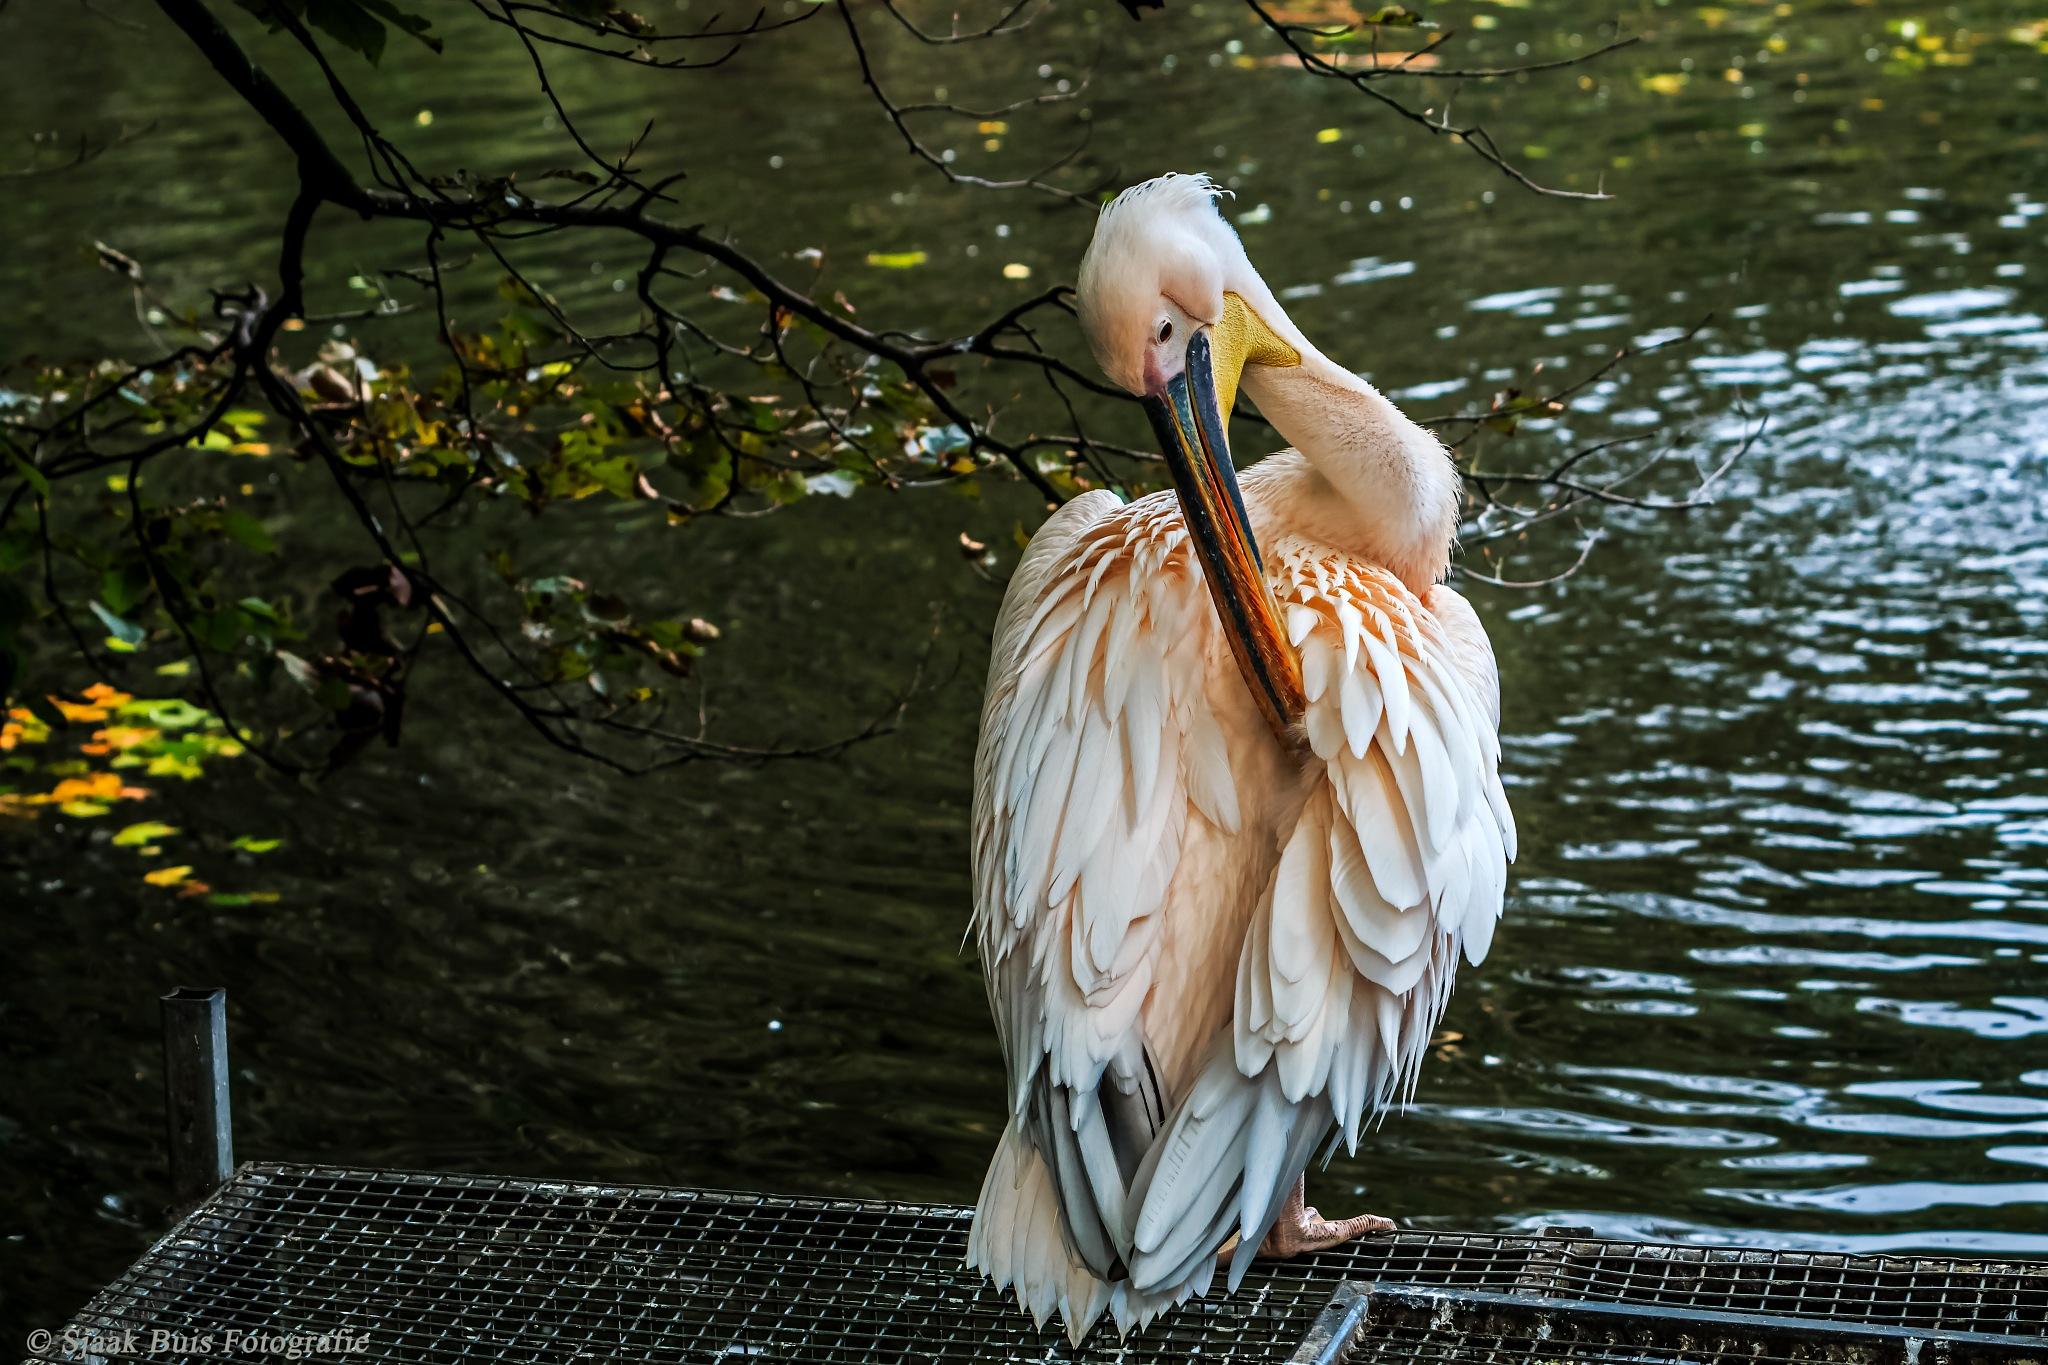 Pelican by Sjaak Buis